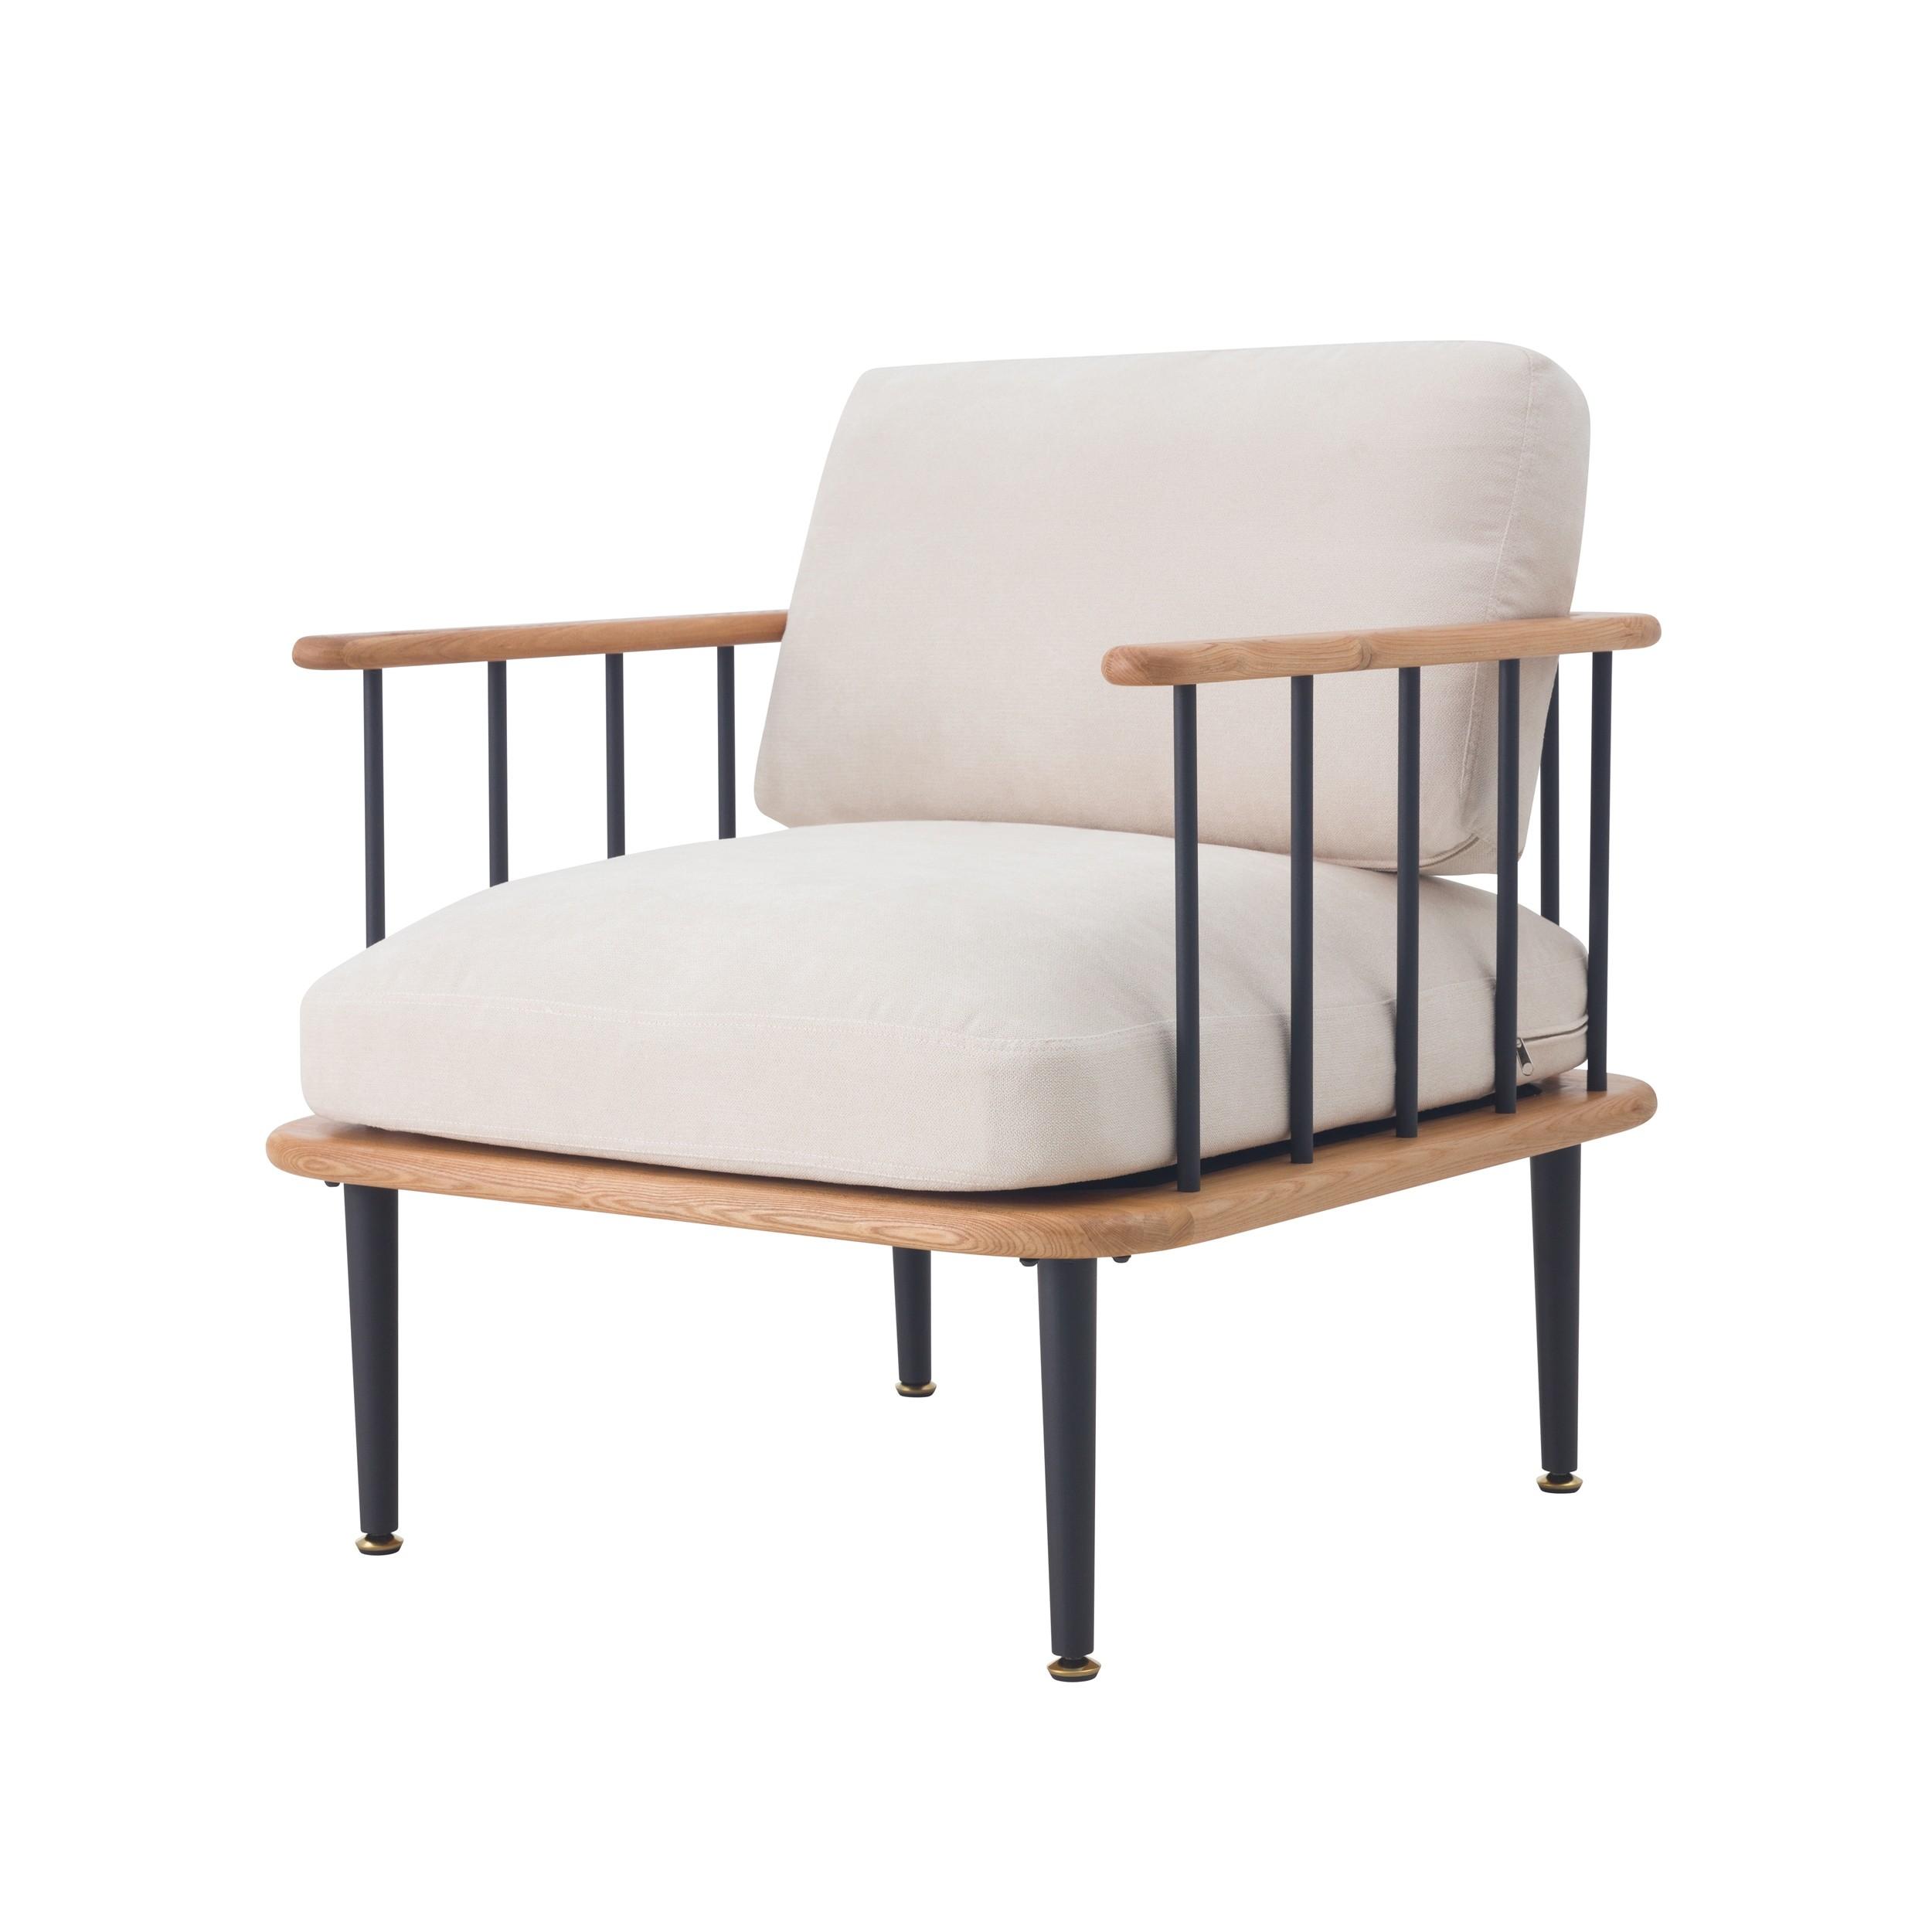 acheter fauteuil interieur avec coussins